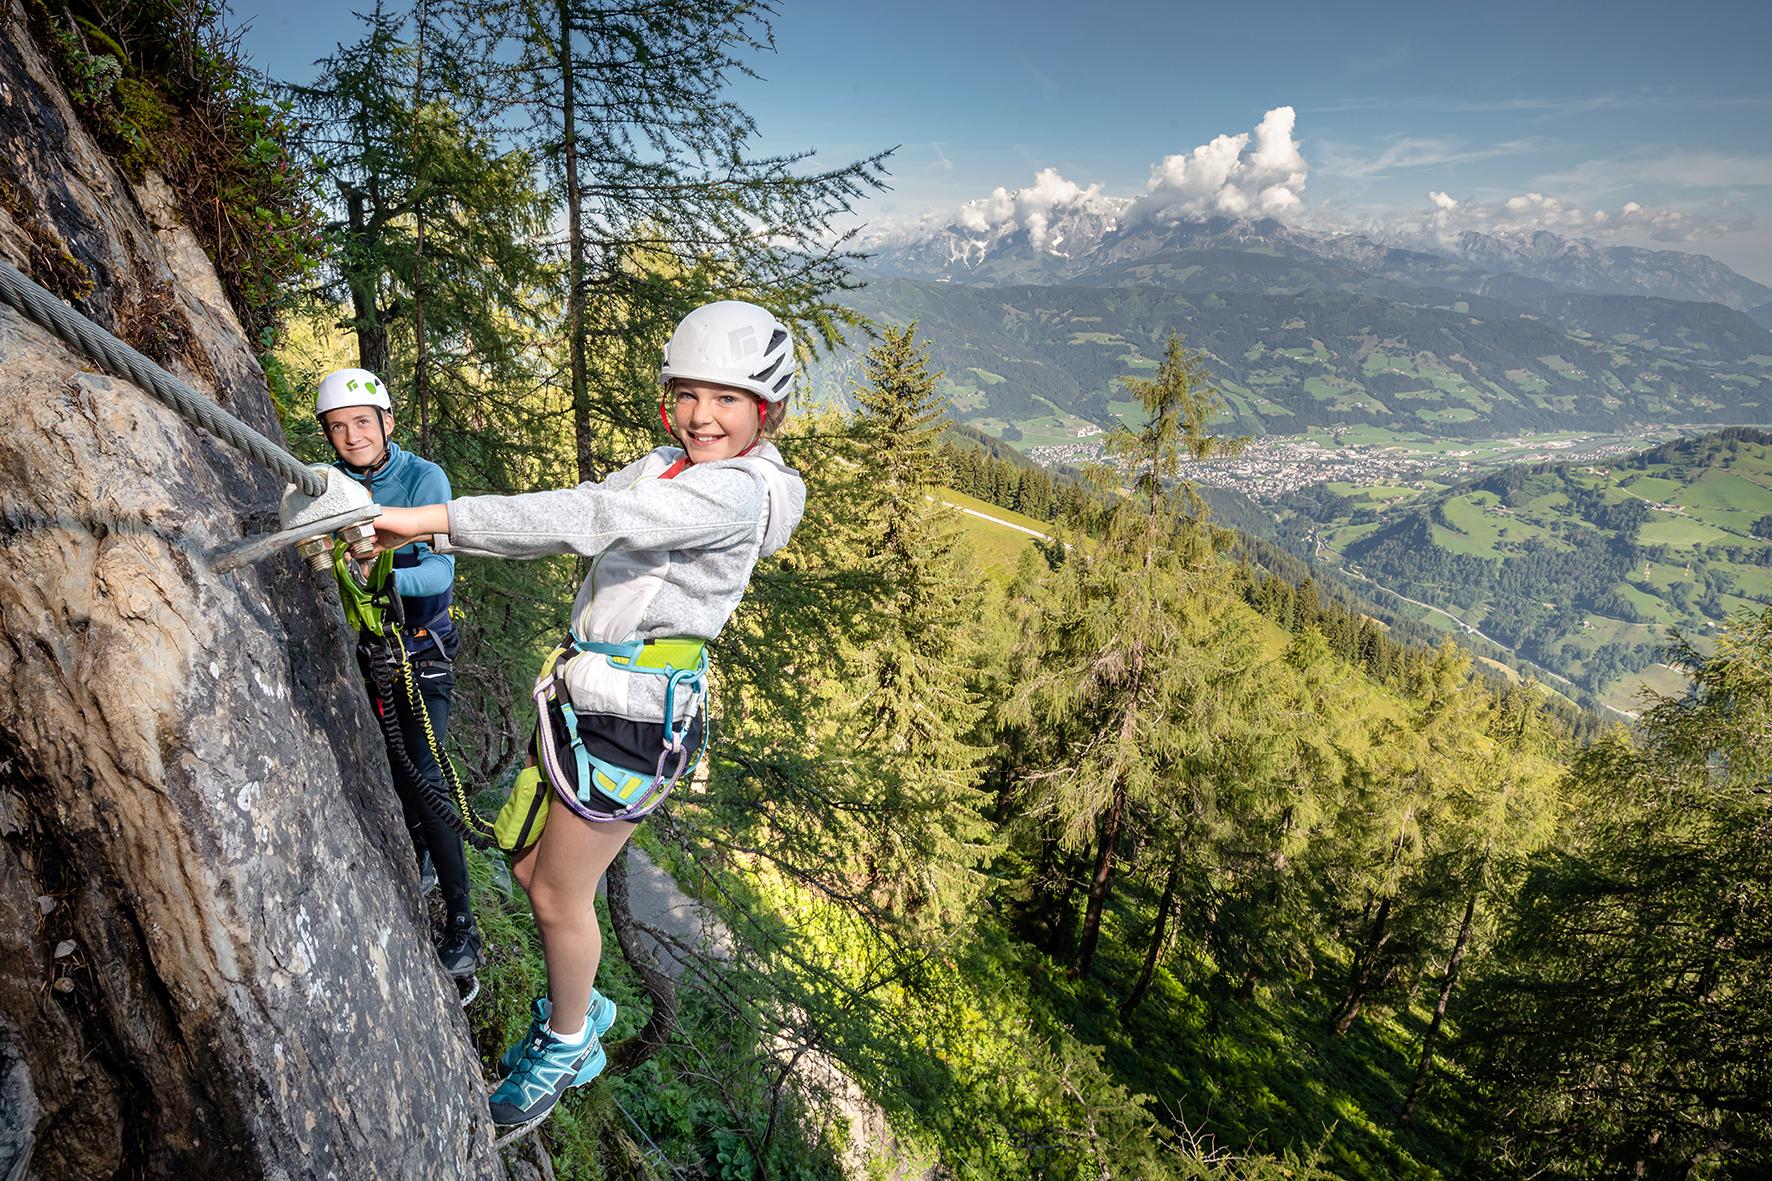 _Drachi's Klettersteig_